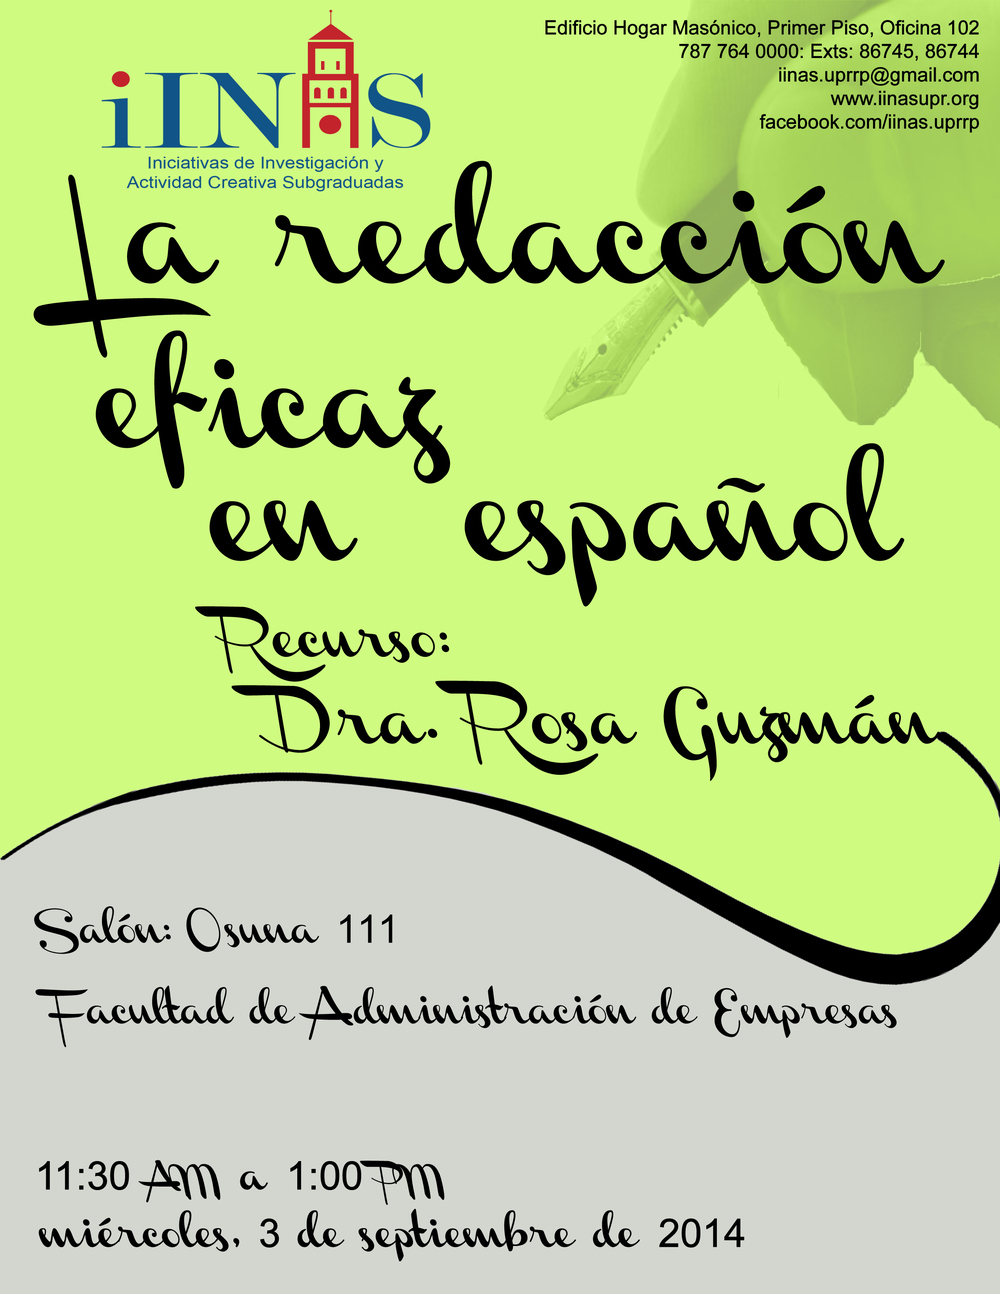 flyer_logo_mas_grande.jpg